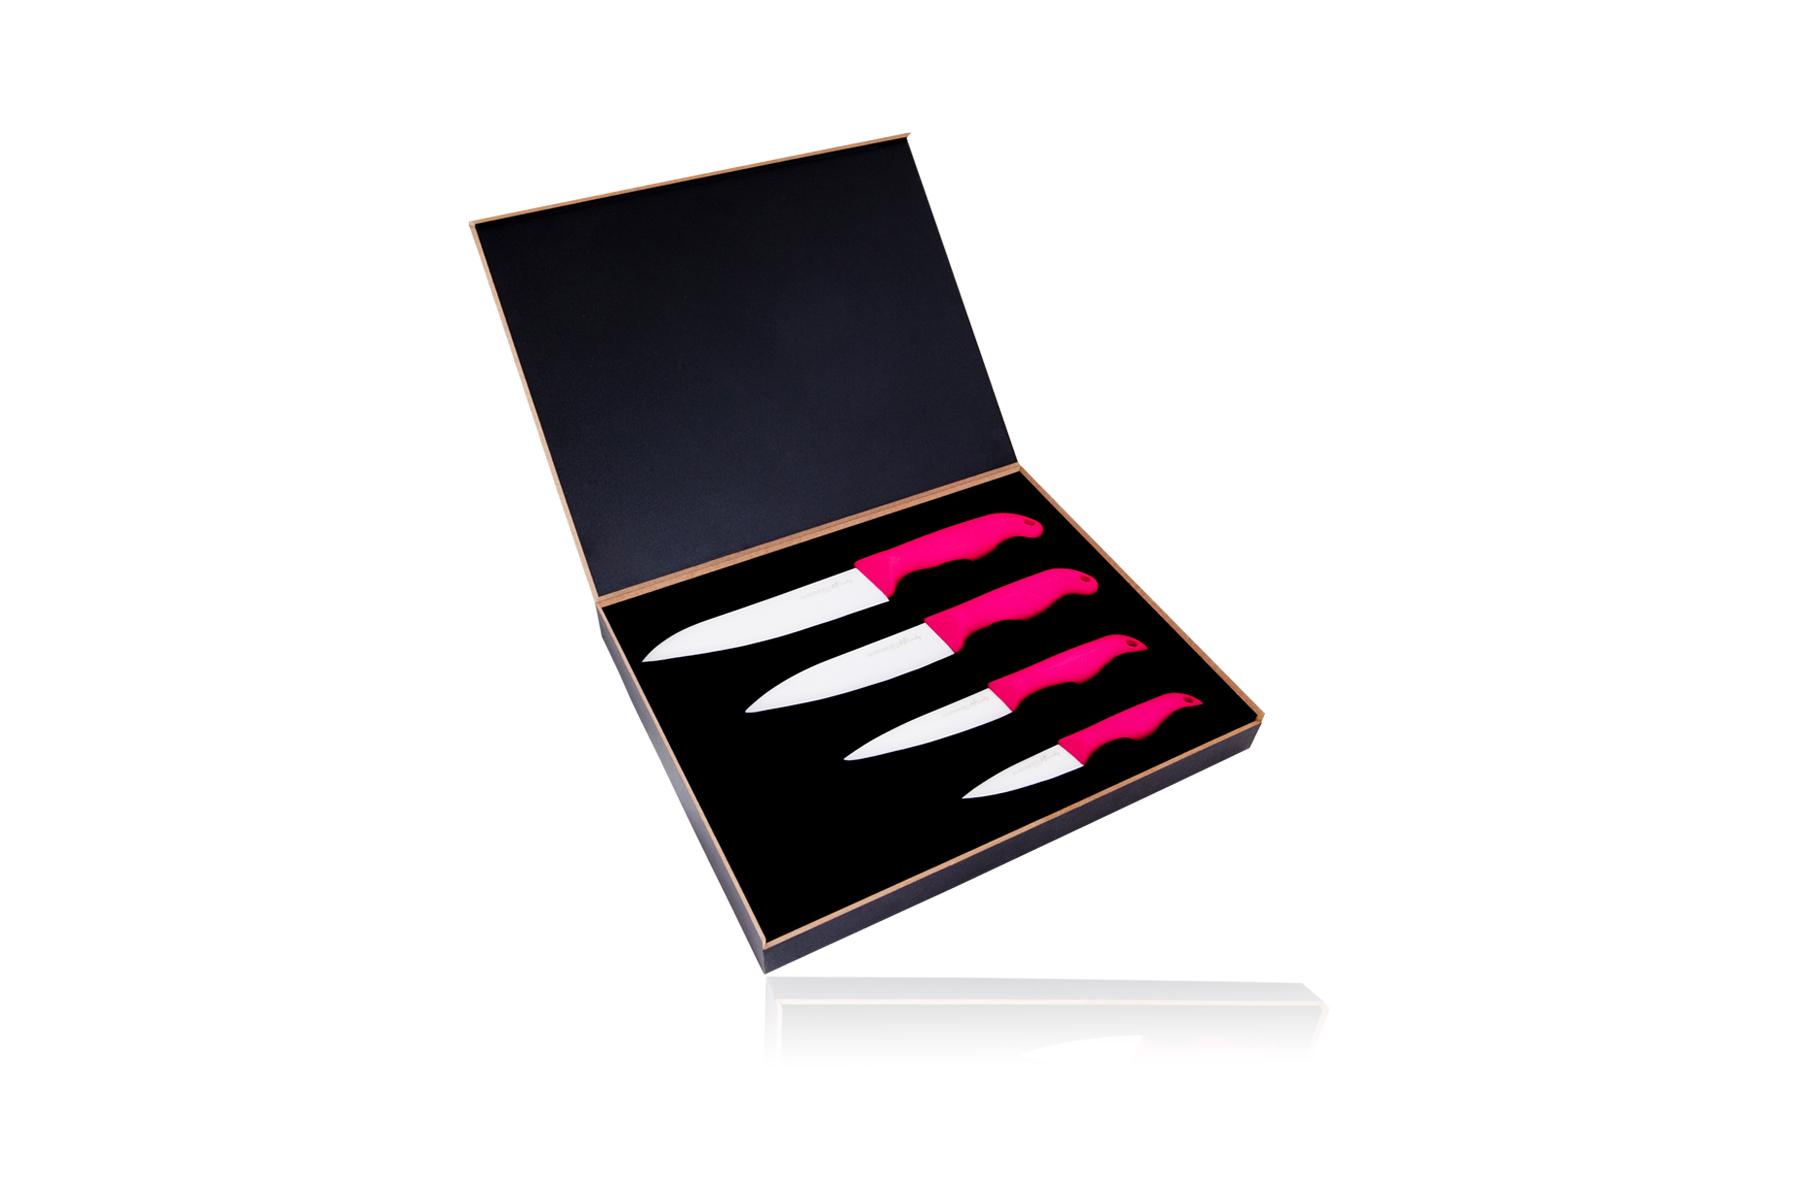 Набор из 4 керамических ножей Hatamoto Pink (HP08W4-AP)Hatamoto керамика<br>Набор из 4 керамических ножей Hatamoto Pink (HP08W4-AP)<br><br>В набор входит:<br><br>Шеф нож - длина лезвия150 мм;<br> Универсальный нож - длина лезвия120 мм;<br>Универсальный нож малый - длина лезвия100 мм;<br> Нож для для чистки овощей - длина лезвия70 мм.<br><br>В серии Hatamoto Premium представлены керамические ножи изготовленные из диоксида циркония. Это колоссально прочный и твердый материал, уступающий только алмазу. Такие ножи будут годами резать разнообразные продукты не изнашиваясь и не царапаясь, не впитывая запахов и не нуждаясь в регулярной заточке. Но все же не забывайте, что керамические ножи не предназначены для разделки замороженных продуктов и рубки костей.<br>Еще одна особенность керамических ножей – их несравненная легкость. Ваши руки никогда не устанут с такими замечательными инструментами.<br>Удобная нескользящая рукоять, выполненная из ABS-пластика, никогда не выскользнет из ладони в самый неподходящий момент. К тому же ABS-пластик - это теплостойкий материал, который отличается повышенной ударопрочностью и эластичностью. Изделия из него выглядят просто отлично.<br>Правила использования и уход за керамическими ножами<br><br>Перед использованием первый раз ополосните ножи горячей водой;<br>Используйте кухонные ножи только на разделочной доске из дерева или пластика;<br>Керамические ножи - идеальный инструмент для работы с овощами, фруктами, хлебом, грибами, мясом и рыбным филе, мясными деликатесами;<br>Не используйте для рубки продуктов и не режьте замороженные продукты, а также продукты с костями и твердые сорта сыра;<br>Берегите ножи: при резком ударе о твердую поверхность (о кухонную плитку, мрамор и т.д.), возможно появление сколов и даже раскол ножа;<br>Мы рекомендуем мыть ножи вручную с помощью неабразивных средств и сразу вытирать насухо (использование посудомоечной машины не рекомендуется, это портит ножи);<br>Храните ножи в специальном блоке, ящике для ножей, 